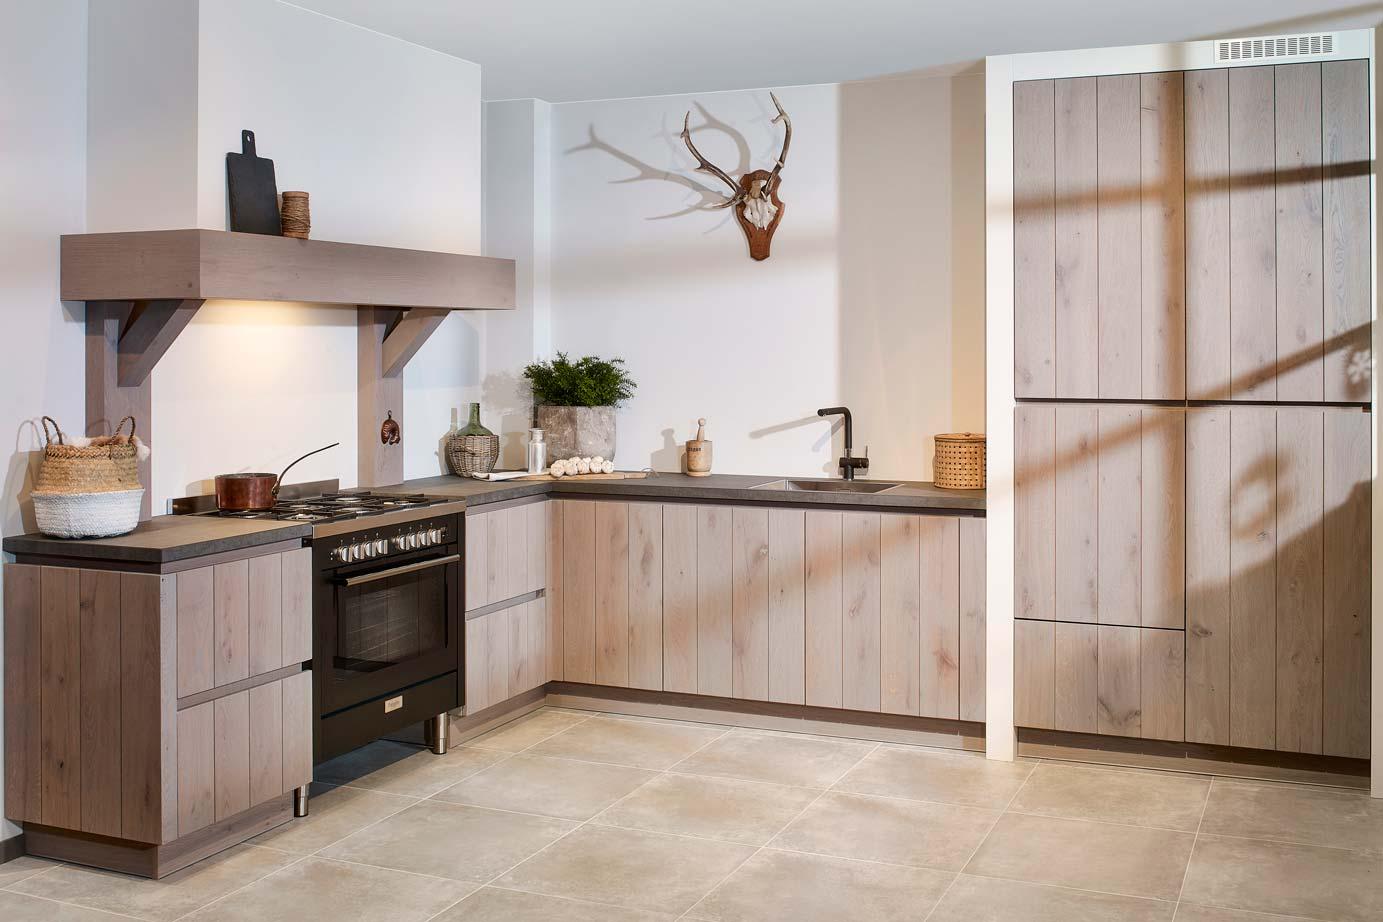 Landelijk Moderne Keukens : Landelijk moderne keuken inspiratie lees onze db keukens